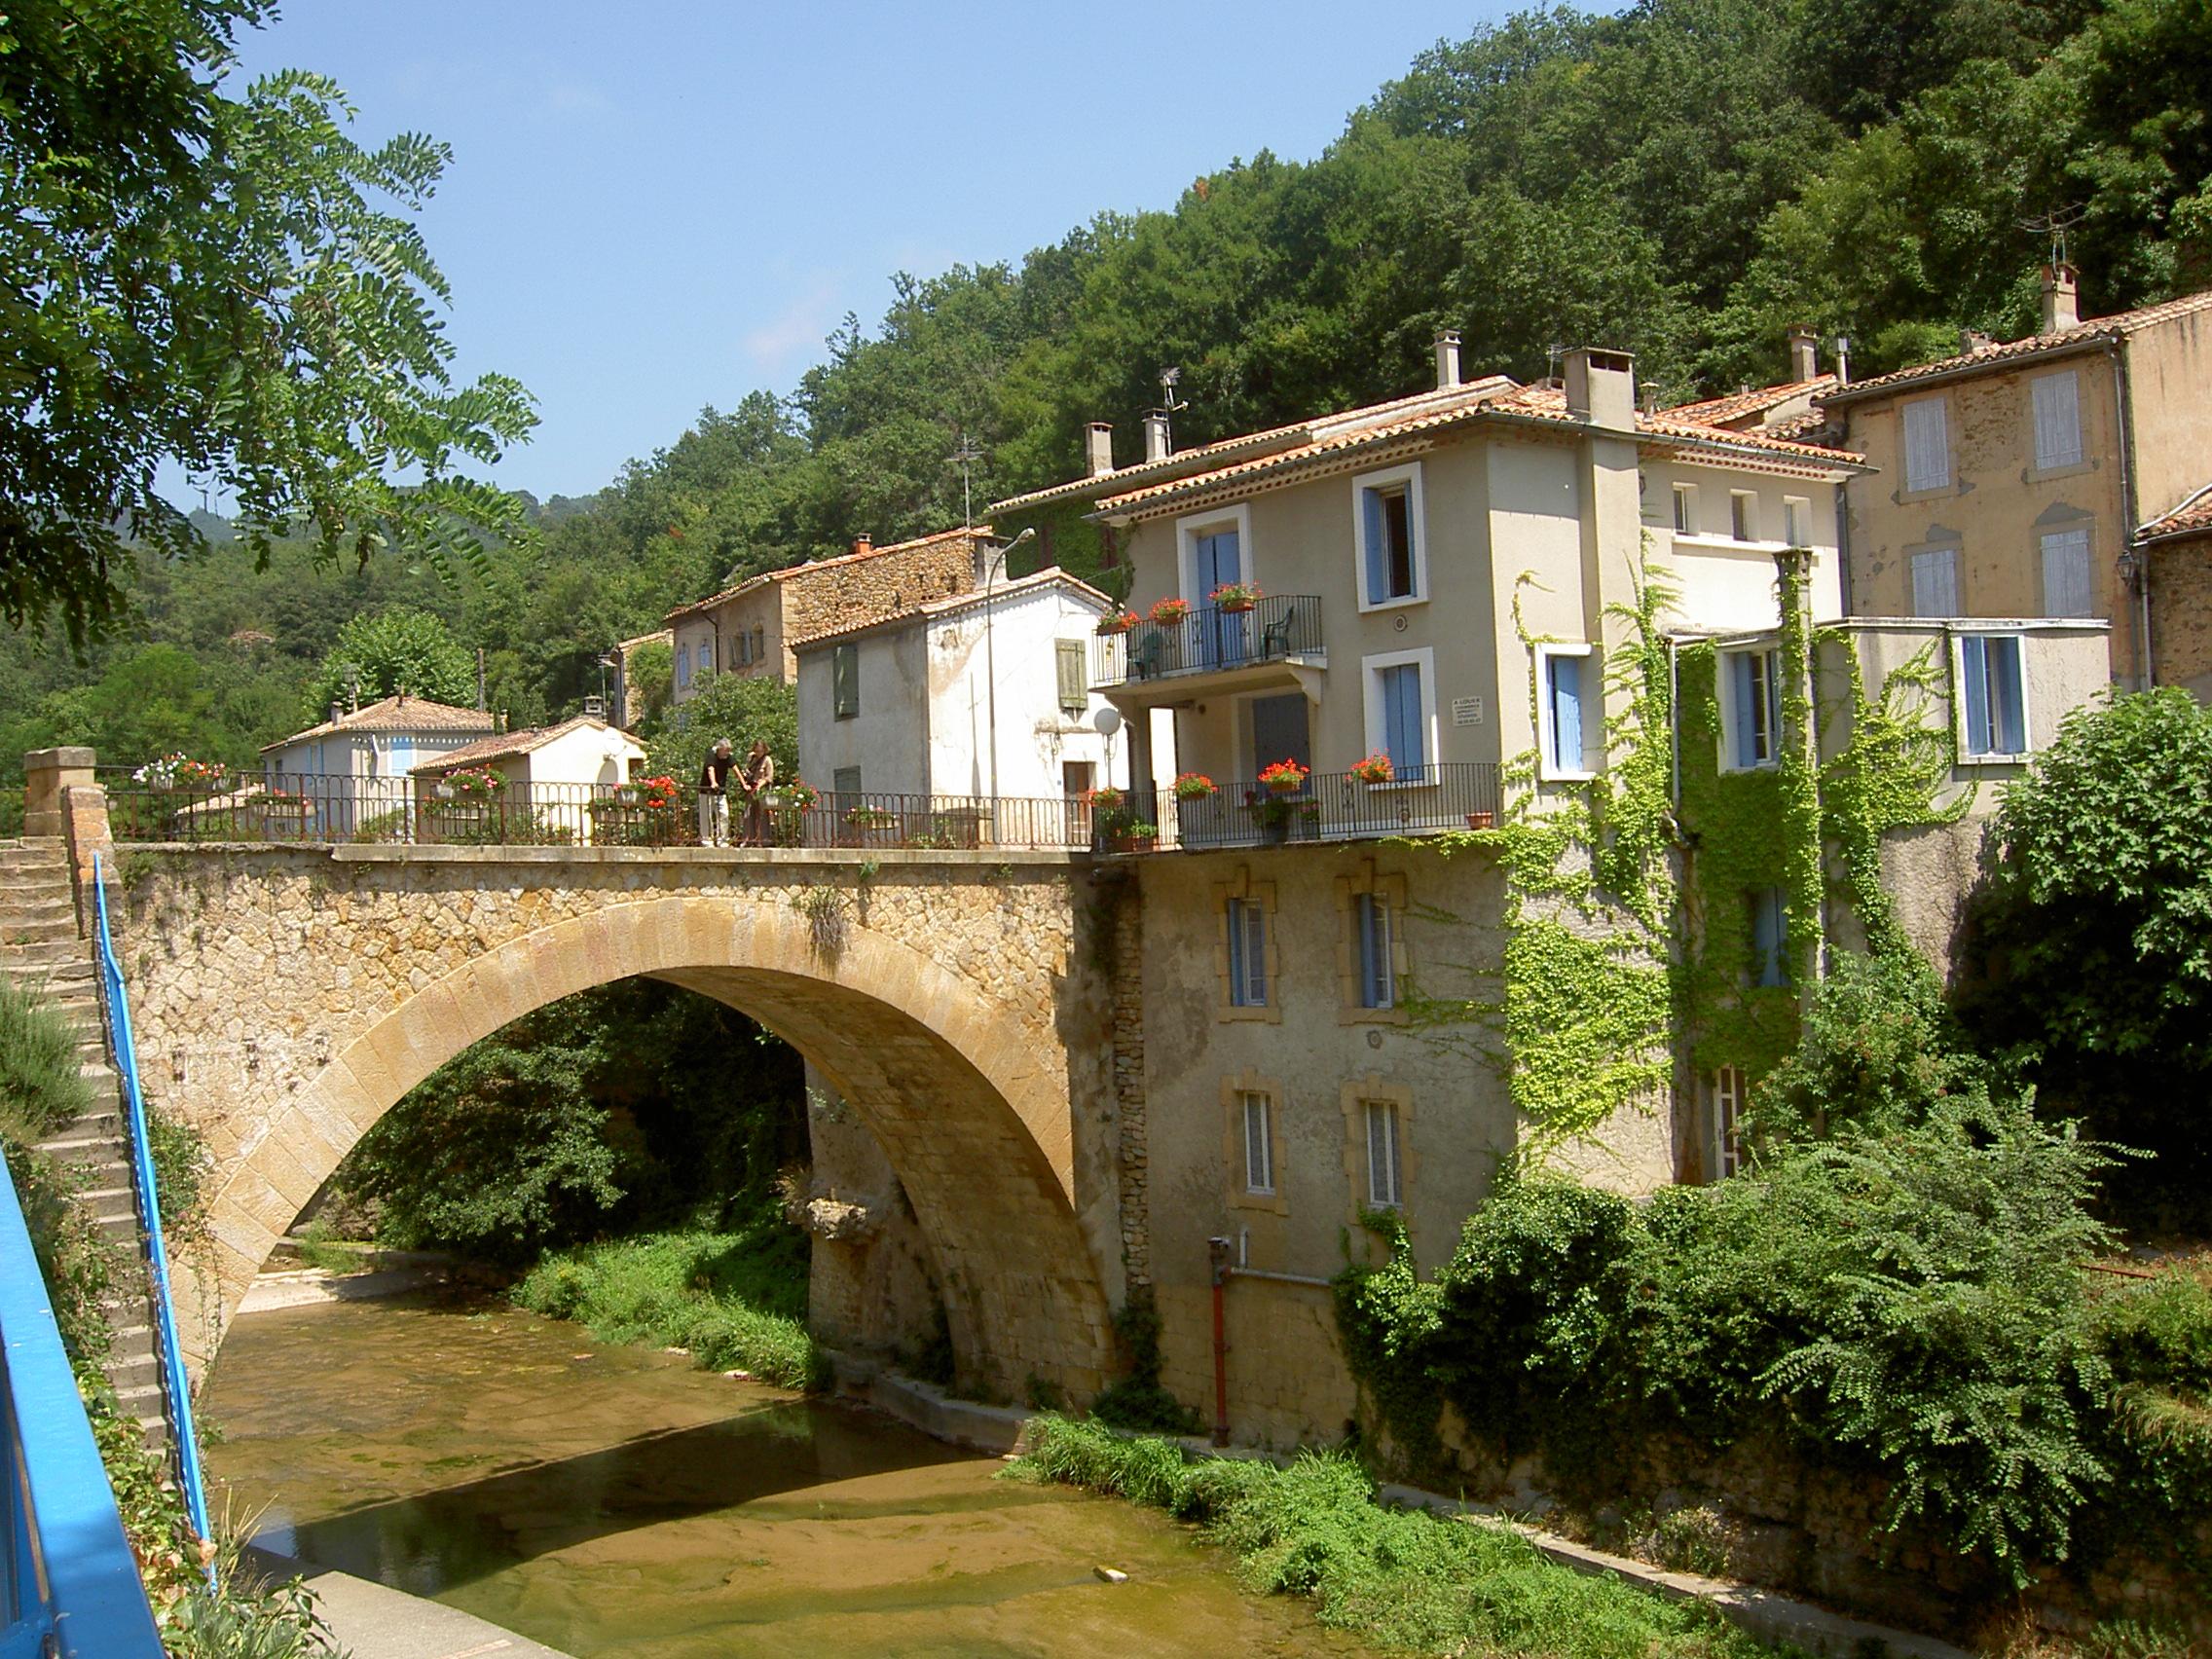 Rennes les bains pays de couiza 11 paulo8938 for Piscine rennes les bains